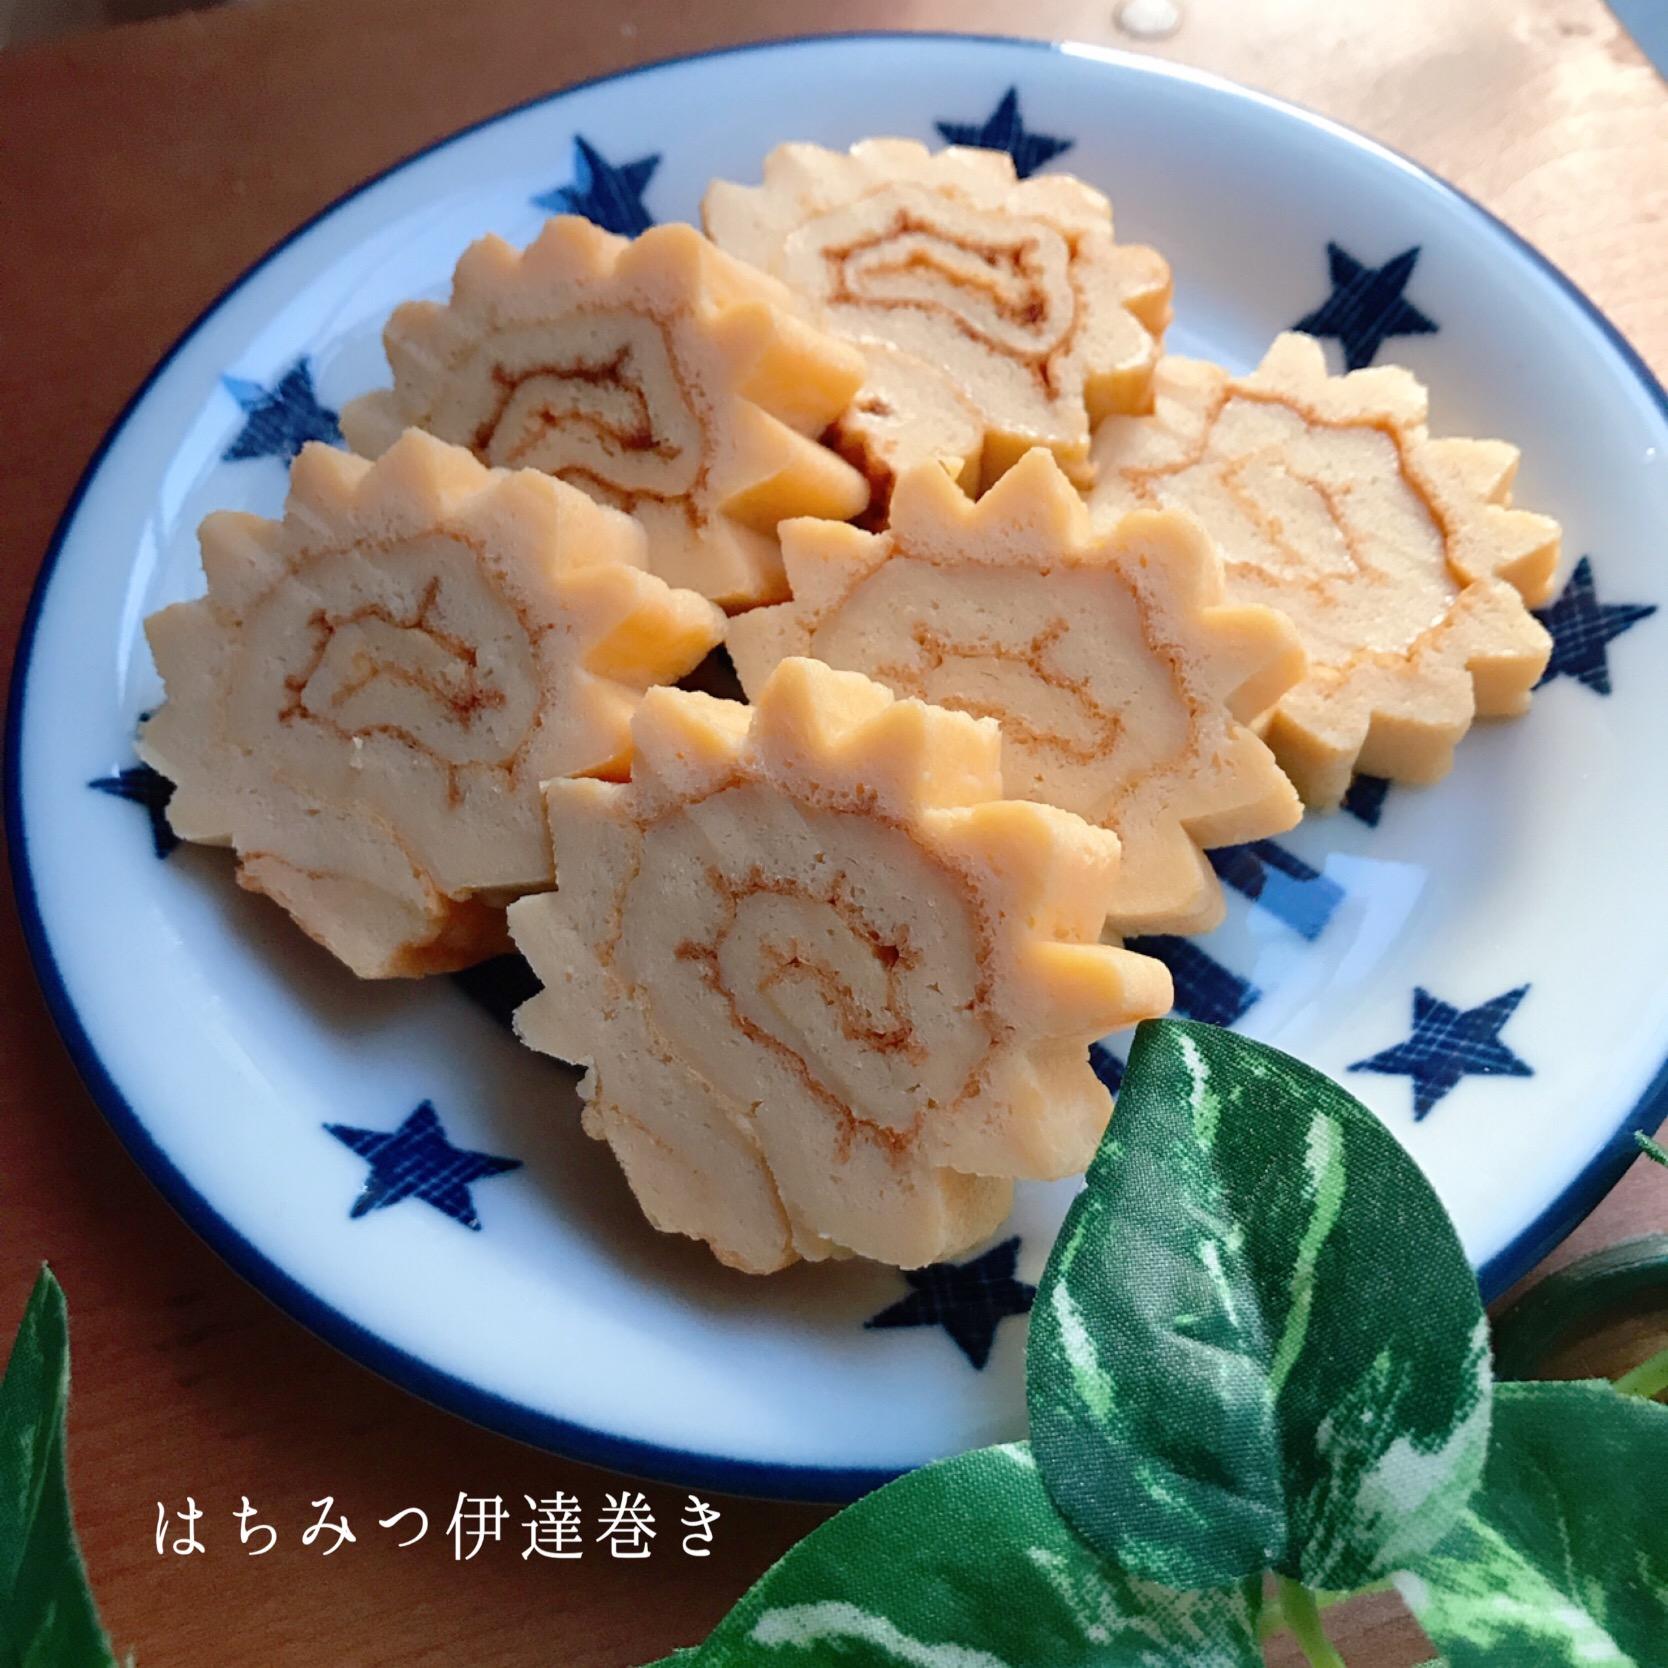 ヤマサ醤油公式アカウントさんの料理 ✨  はちみつ伊達巻き❤️